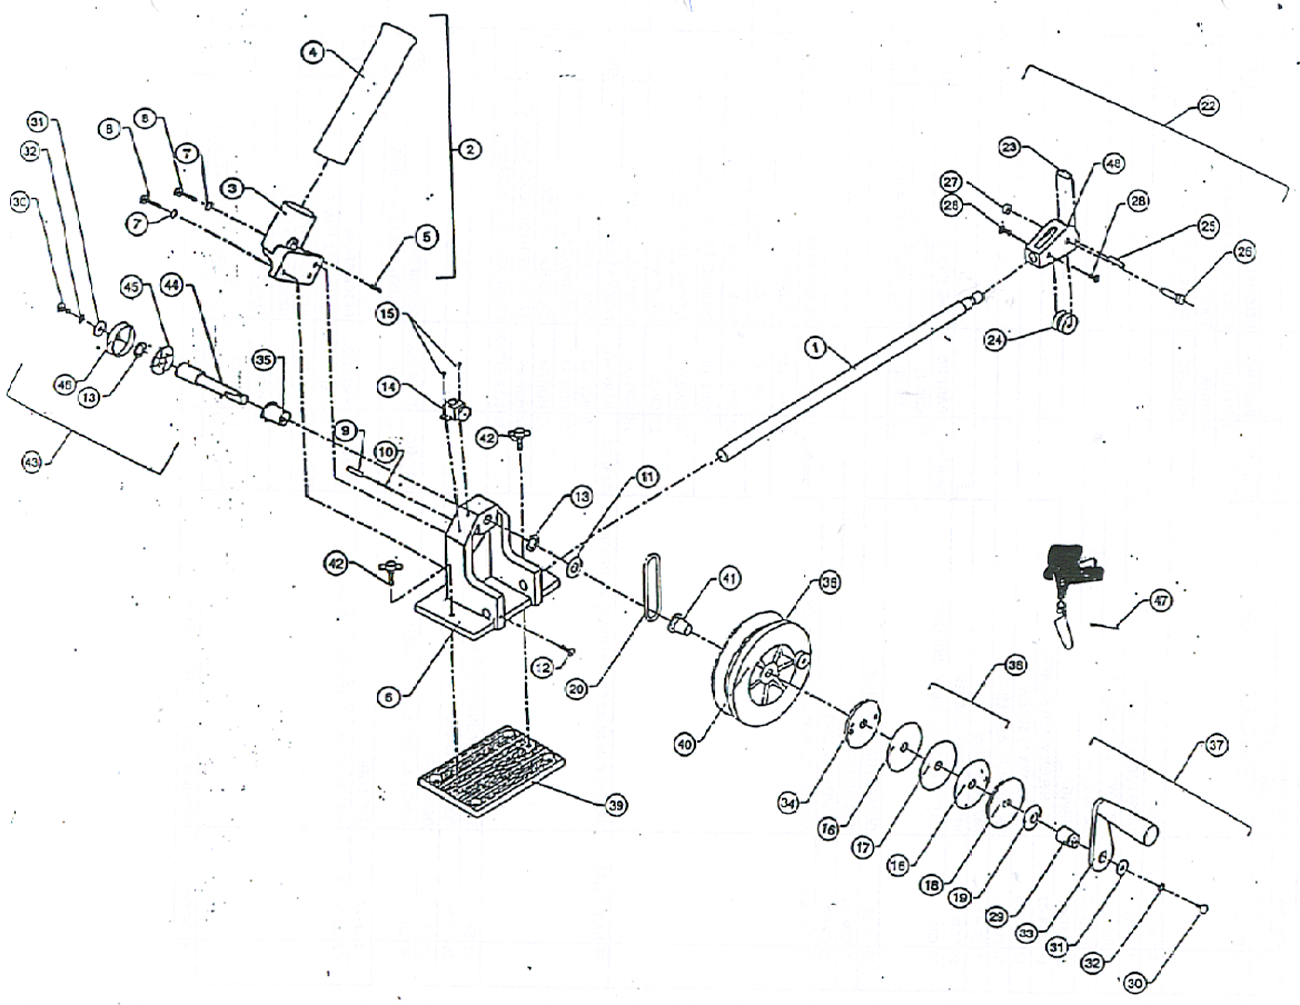 Order Walker Lakemaster Manual Downrigger Parts Online